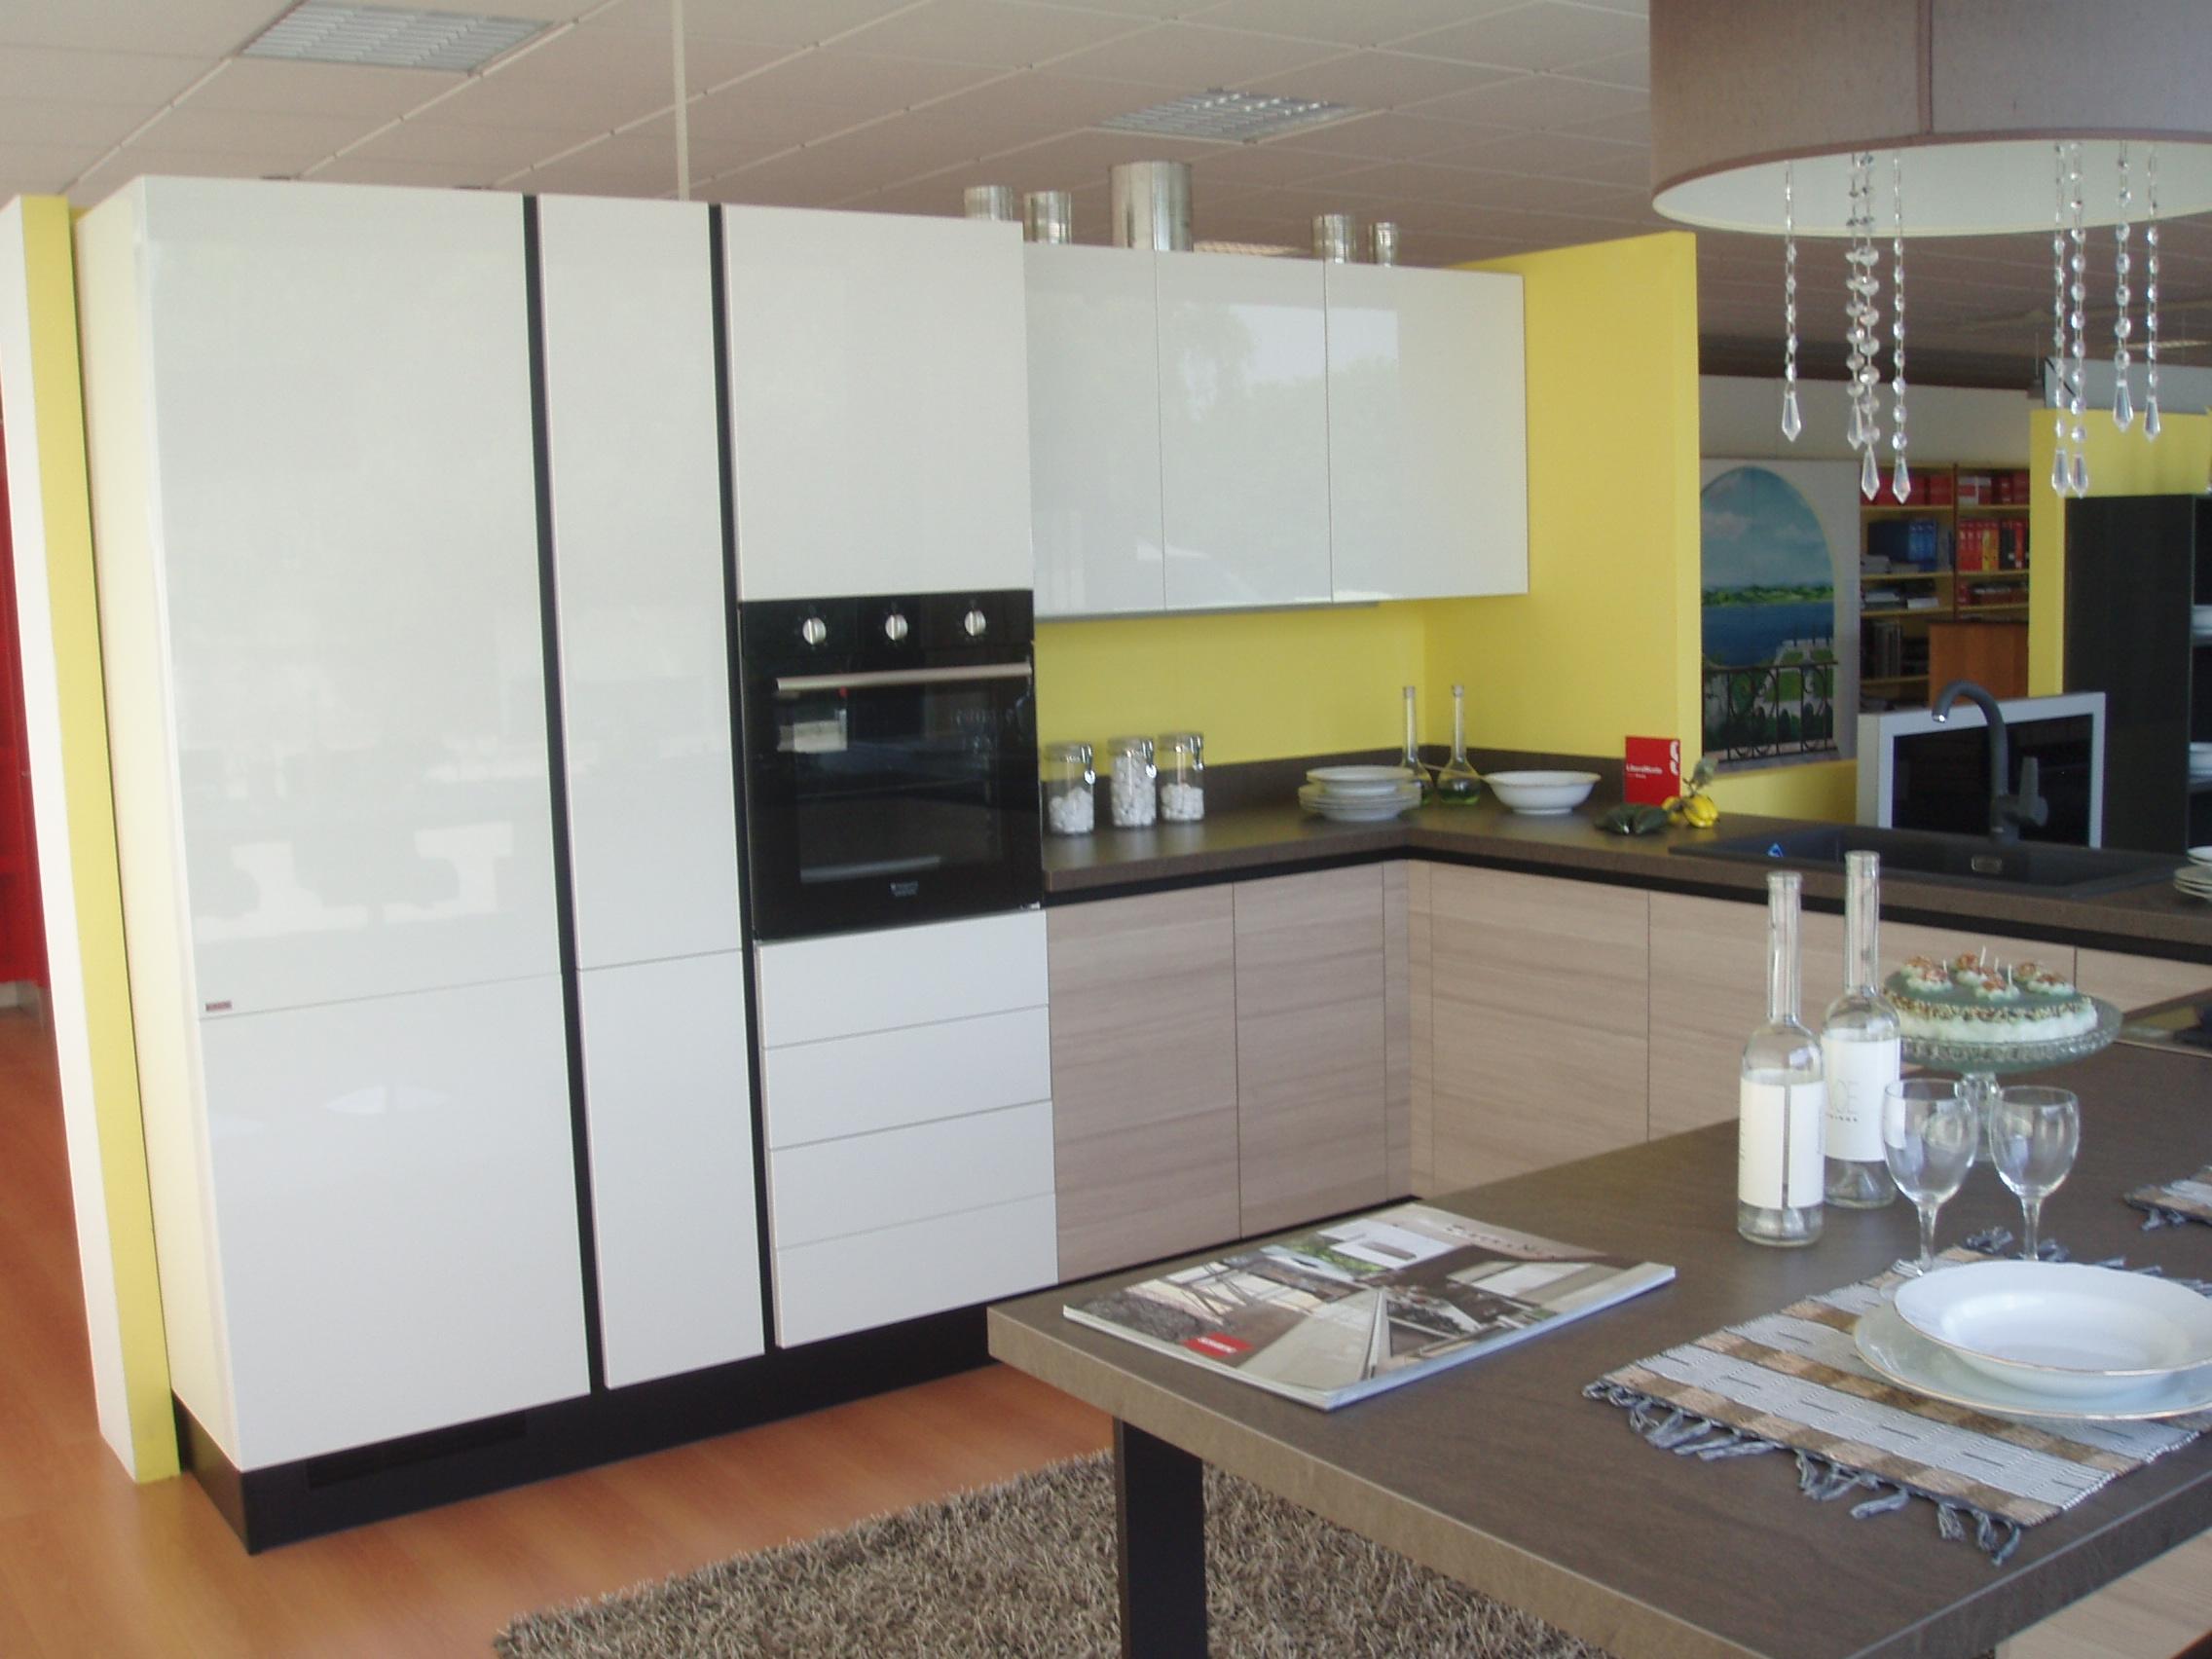 Soggiorno moderno kubo - Cucina bianca e marrone ...